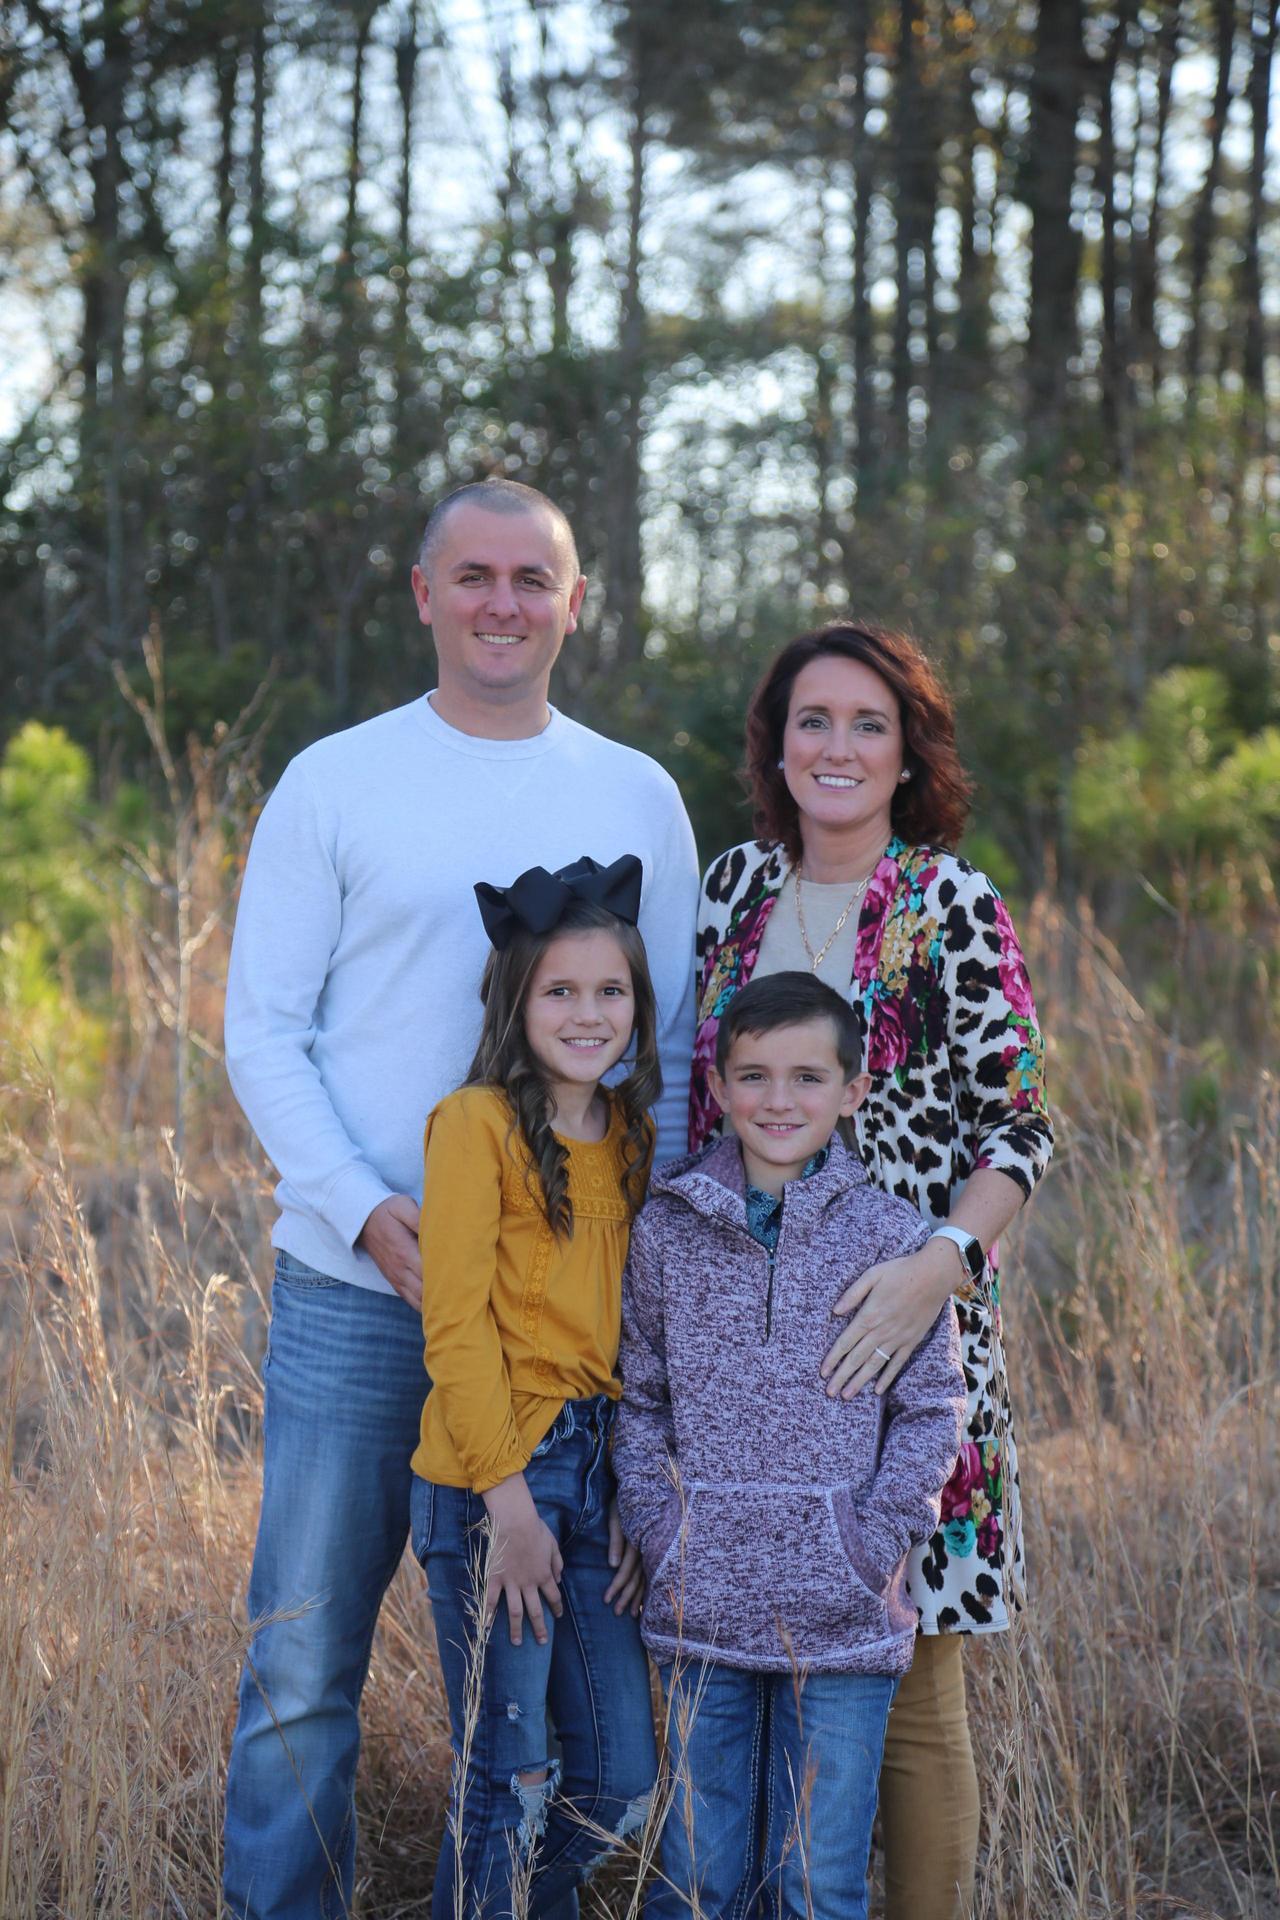 Mrs. Martin's family